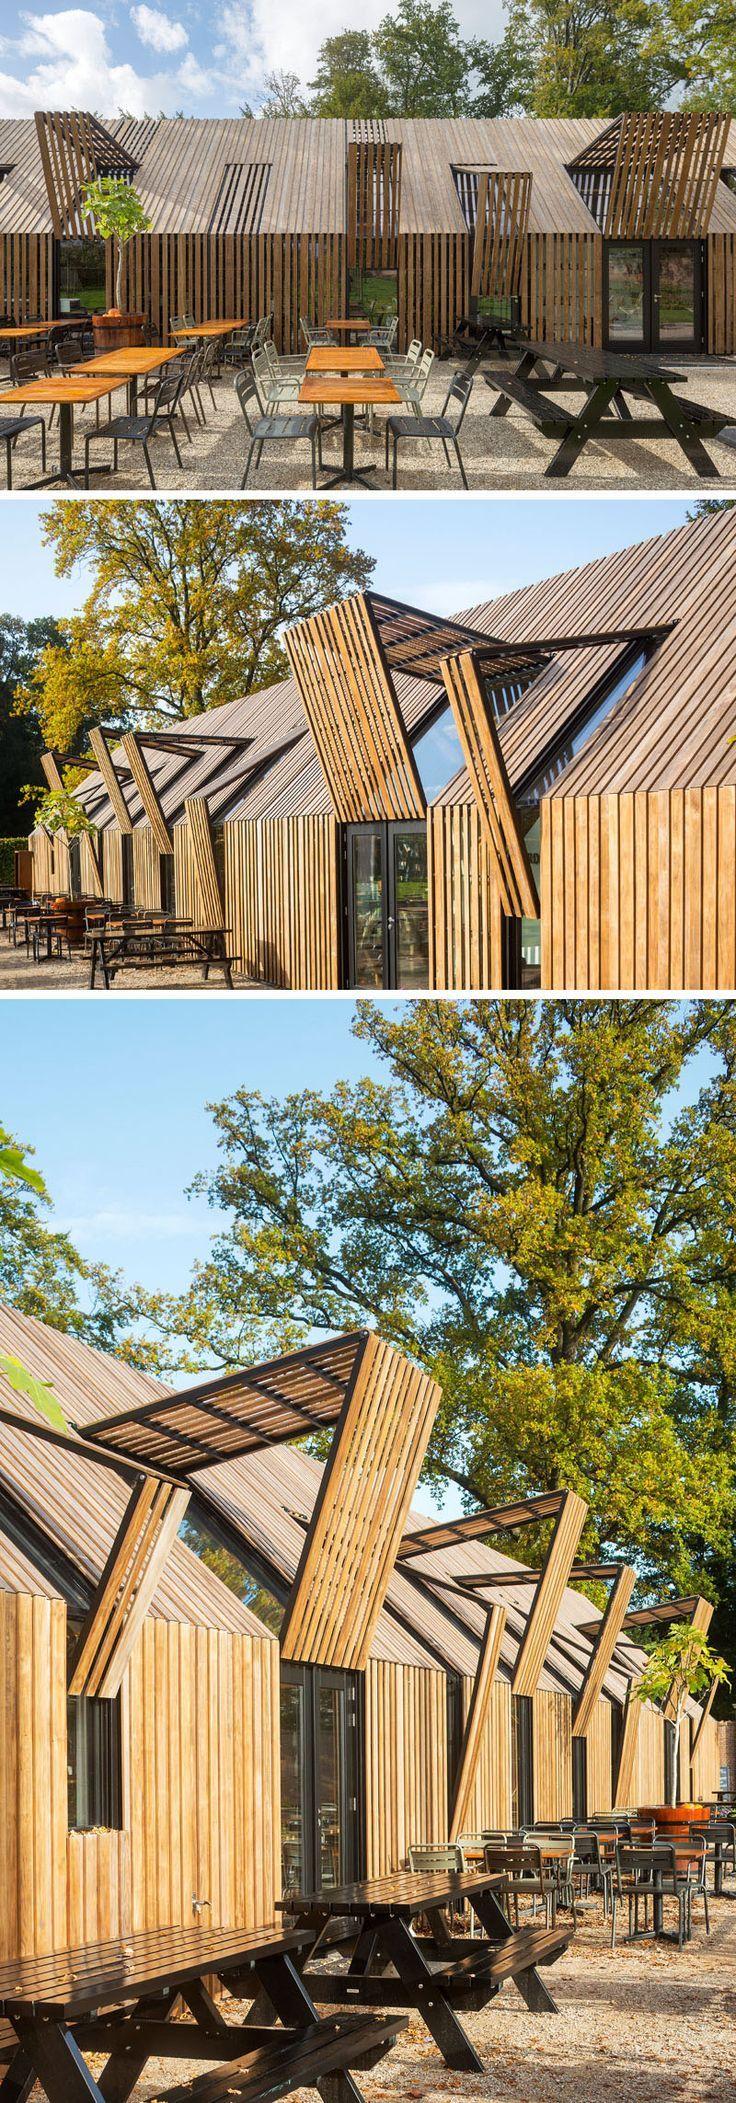 Dieses moderne, scheunenartige Gebäude besteht aus neun beweglichen Fassadenteilen, die das Gebäude er